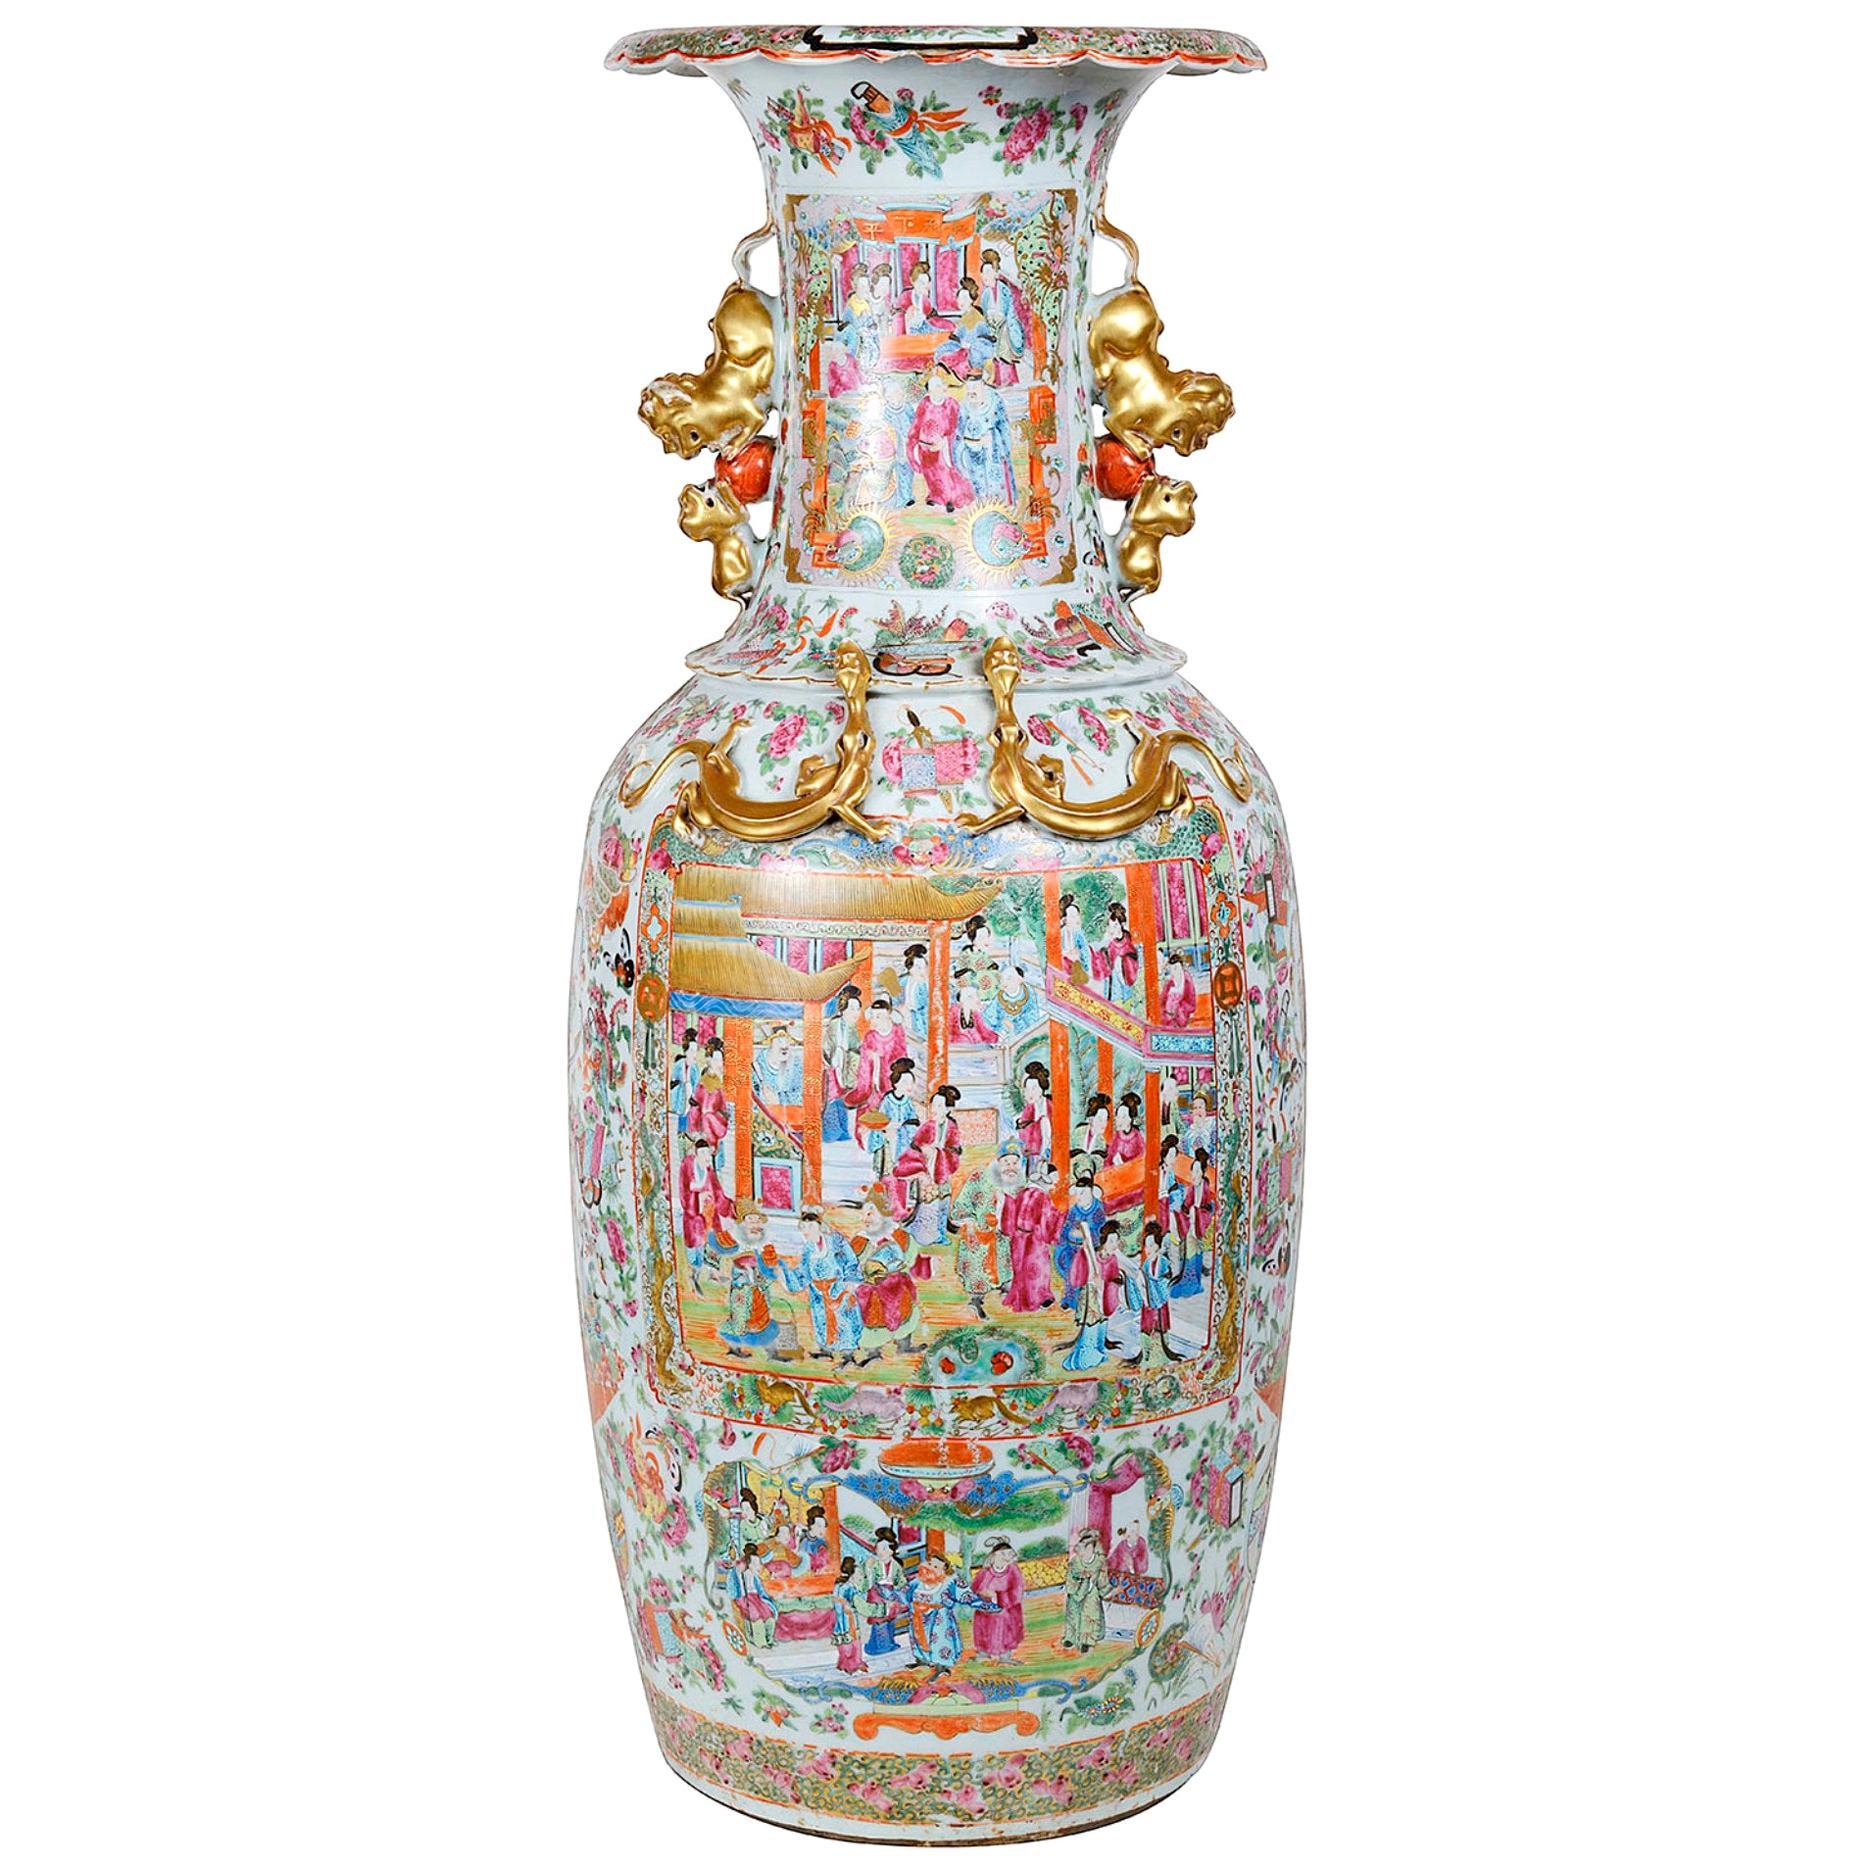 Large 19th Century Chinese Rose Medallion Vase